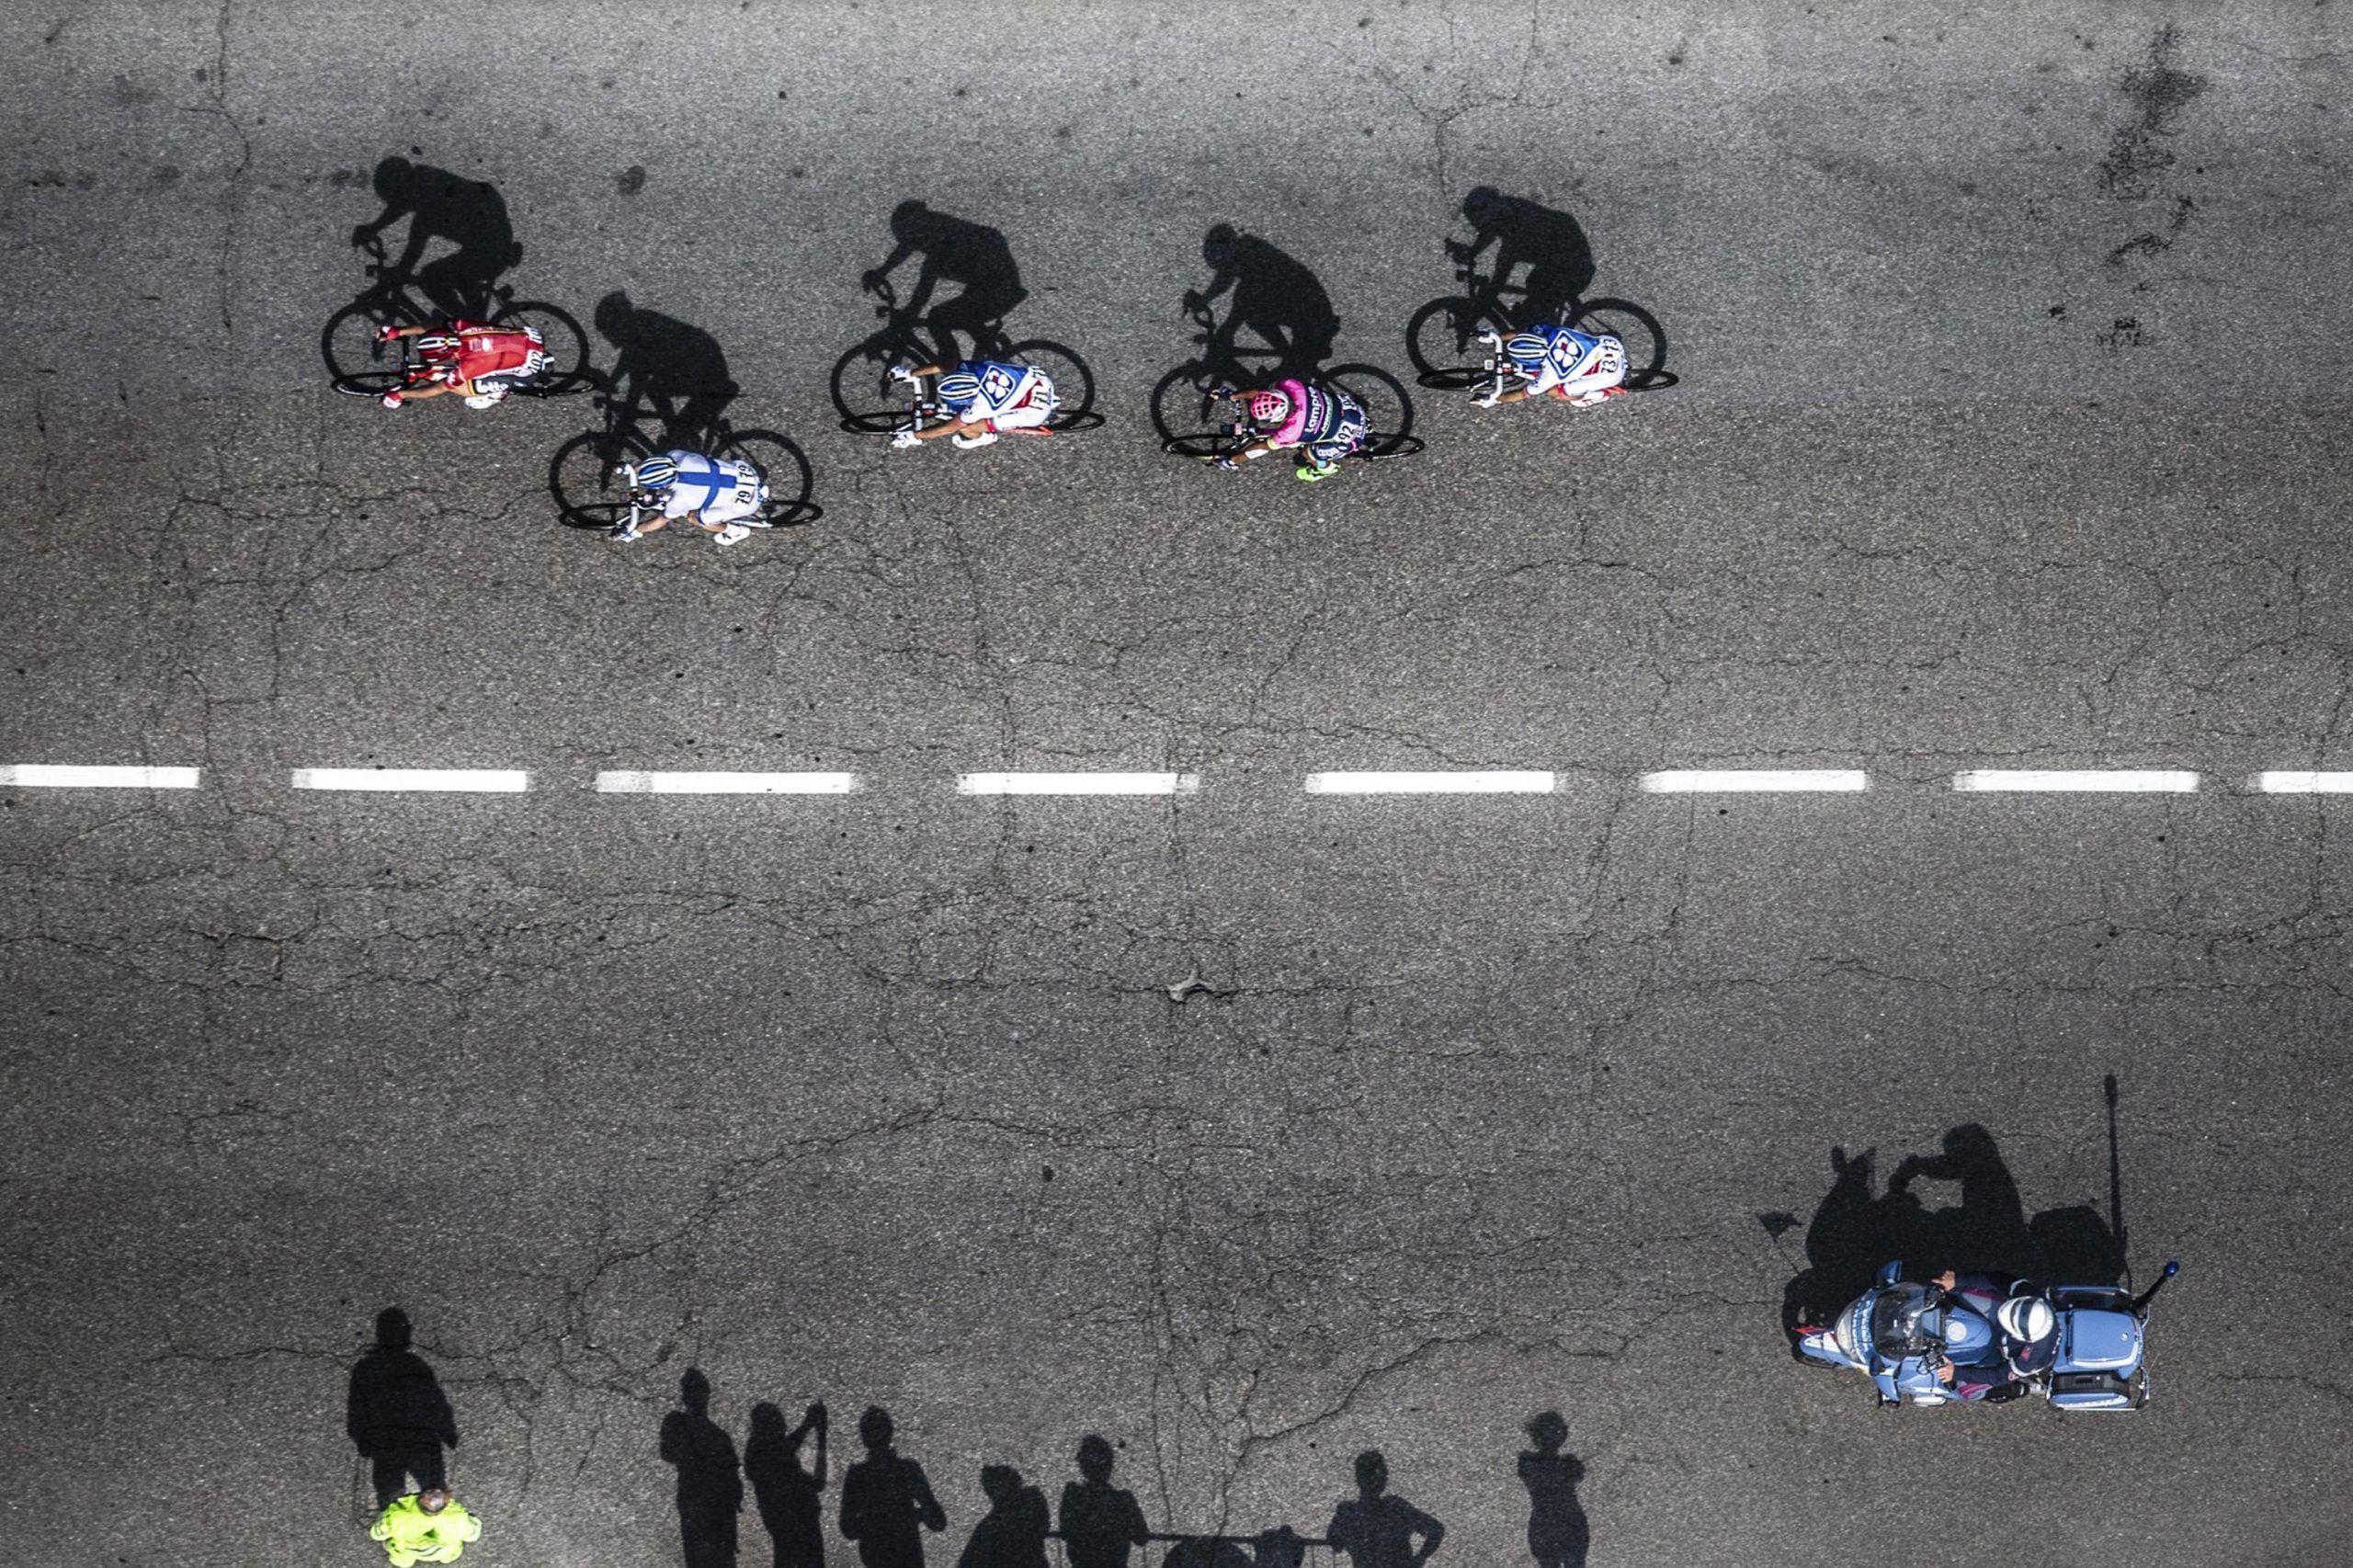 Ciclisti morti in gara tutte le tragedie che hanno scosso il mondo del ciclismo negli ultimi anni